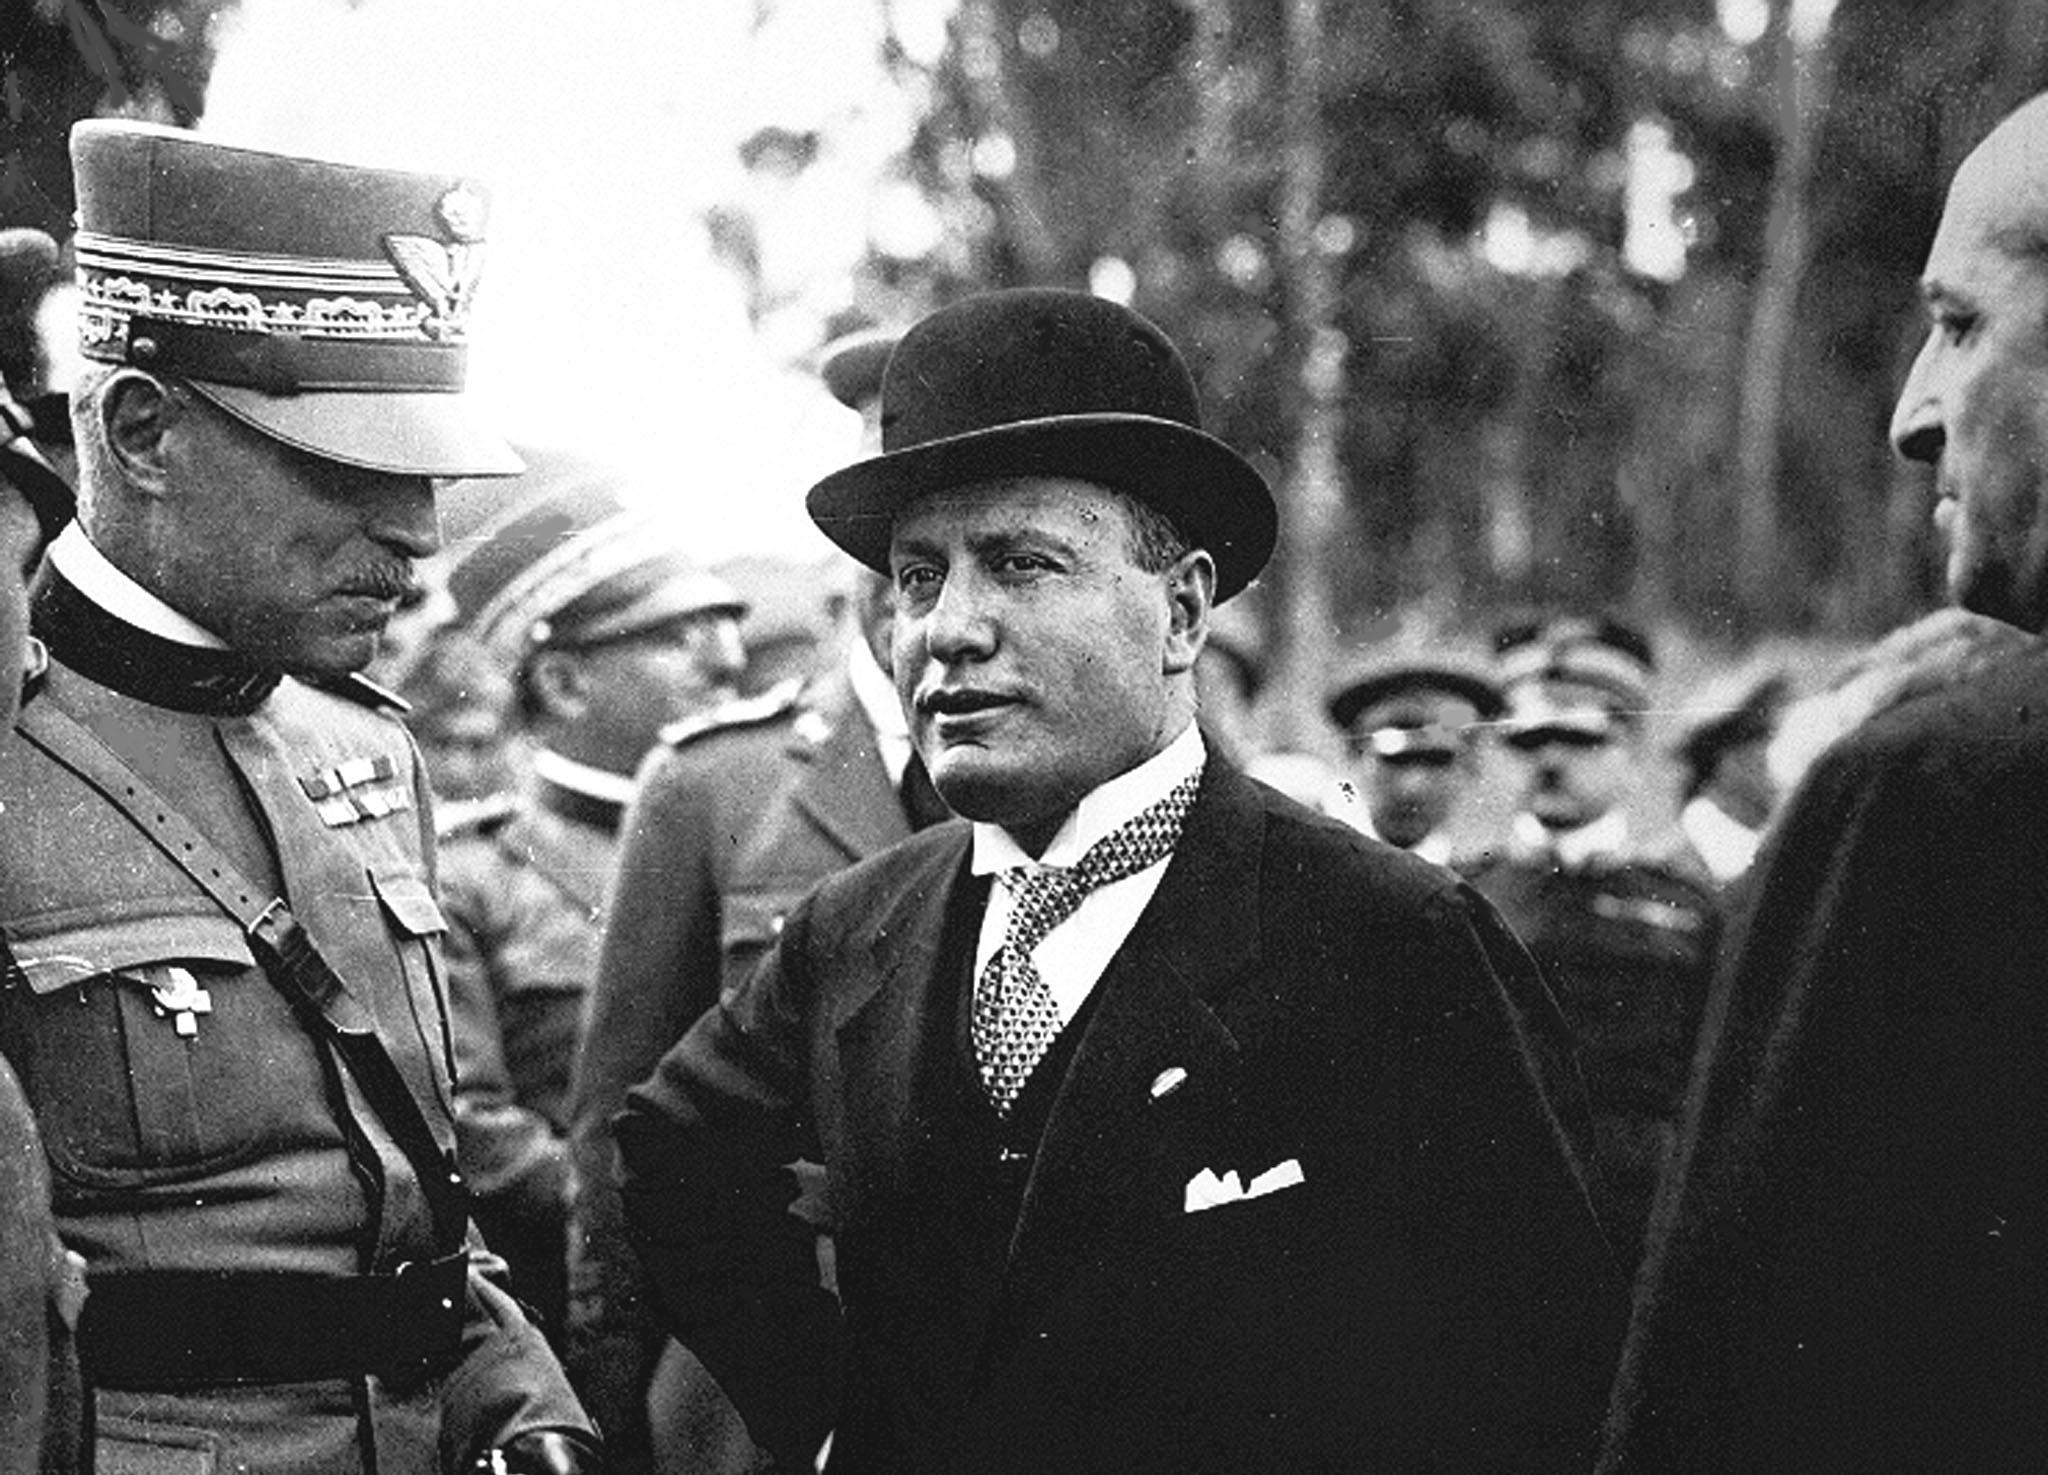 Mussolini ha fatto anche cose buone. E allora?